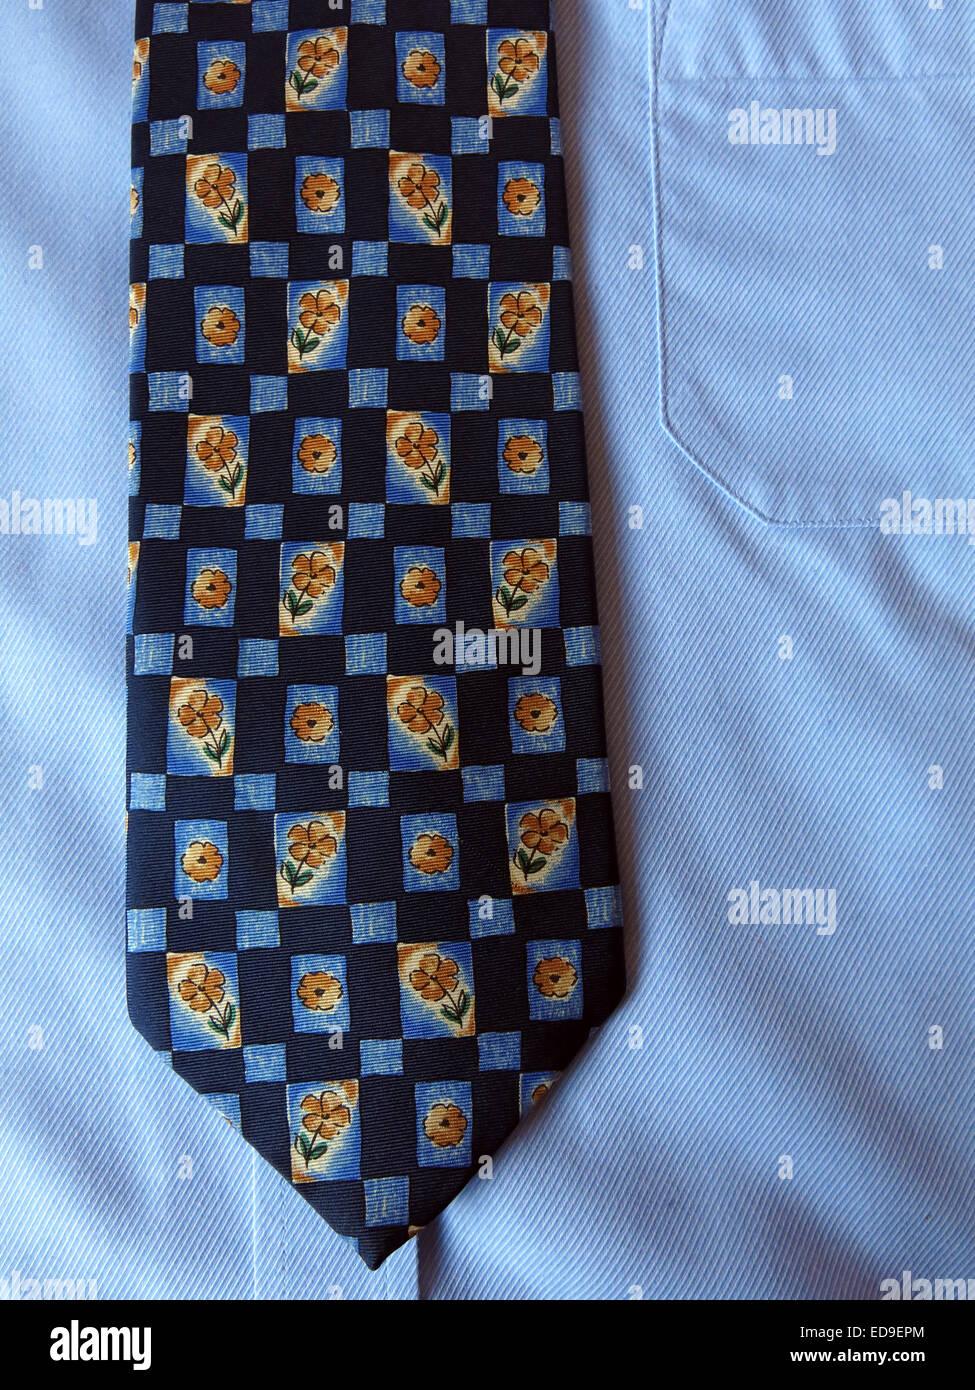 Laden Sie dieses Alamy Stockfoto Interessante Oldtimer Krawatte, männliche Antik in Seide - ED9EPM